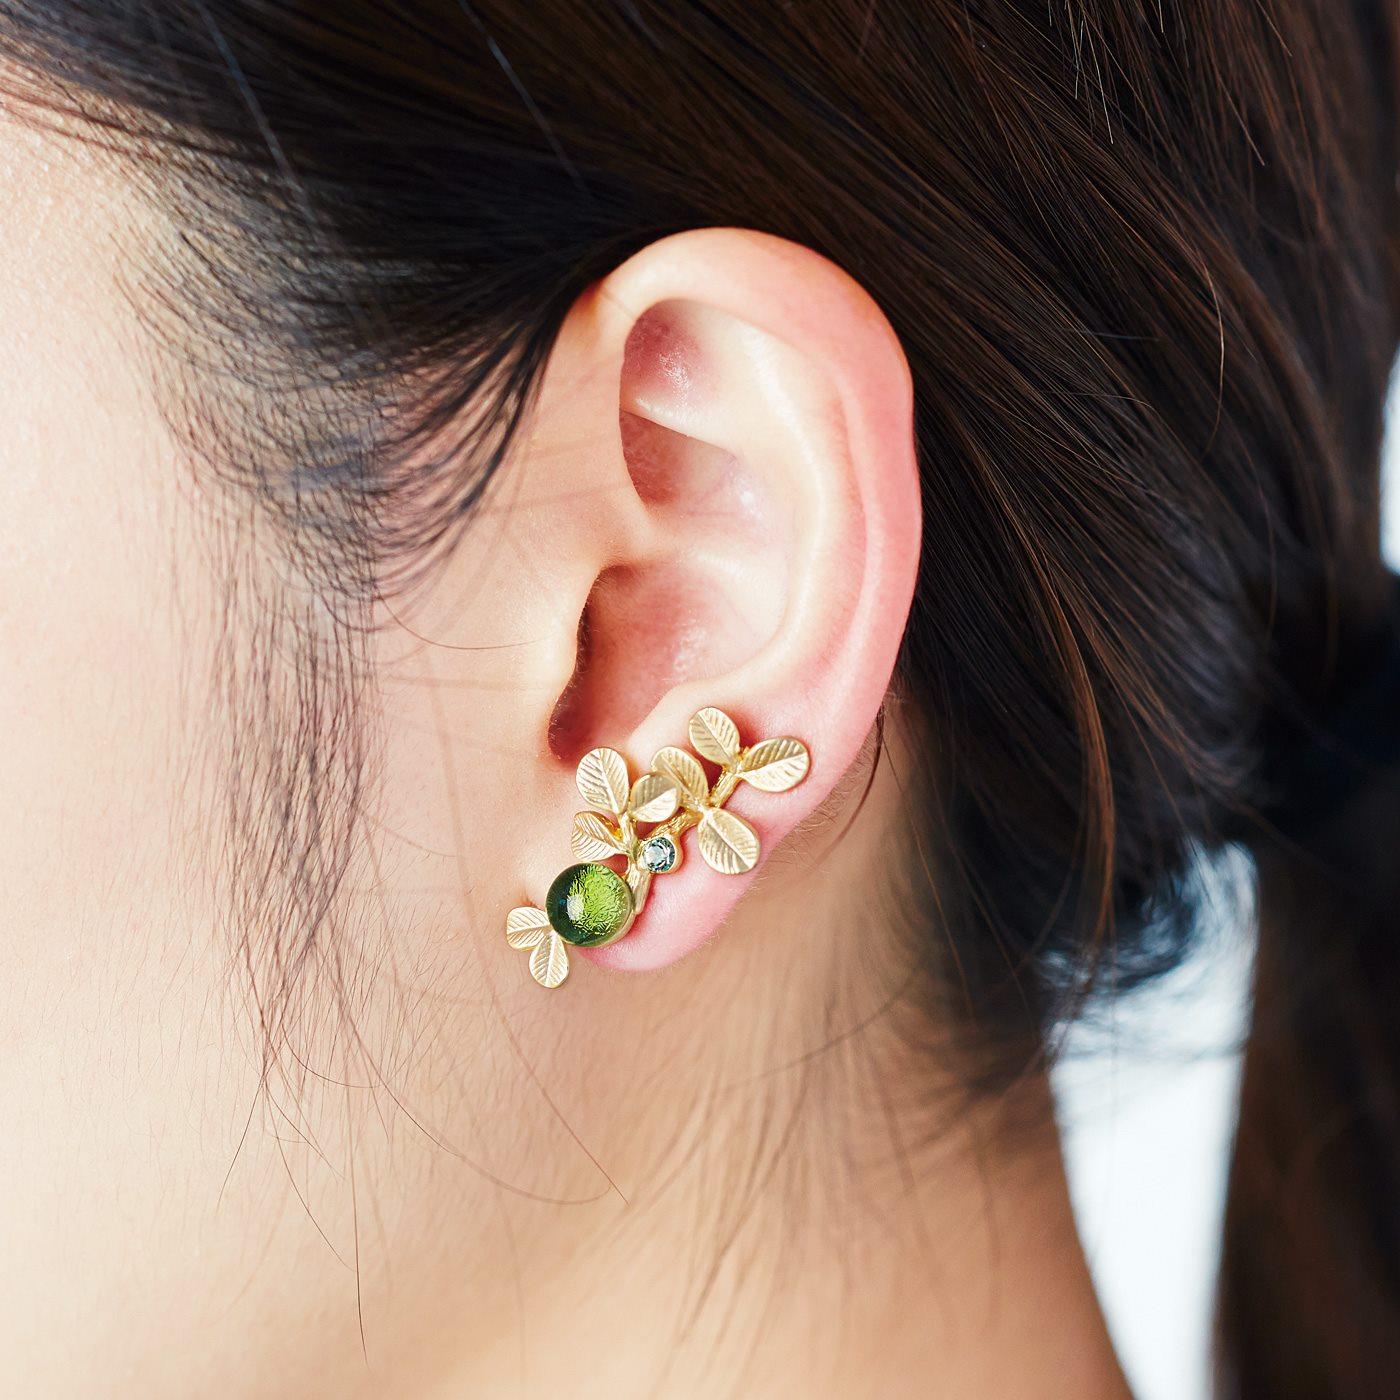 左耳は耳たぶを挟み込むだけの着脱簡単なクリップ式のイヤカフ。厚みも調節でき、気軽に着けられます。